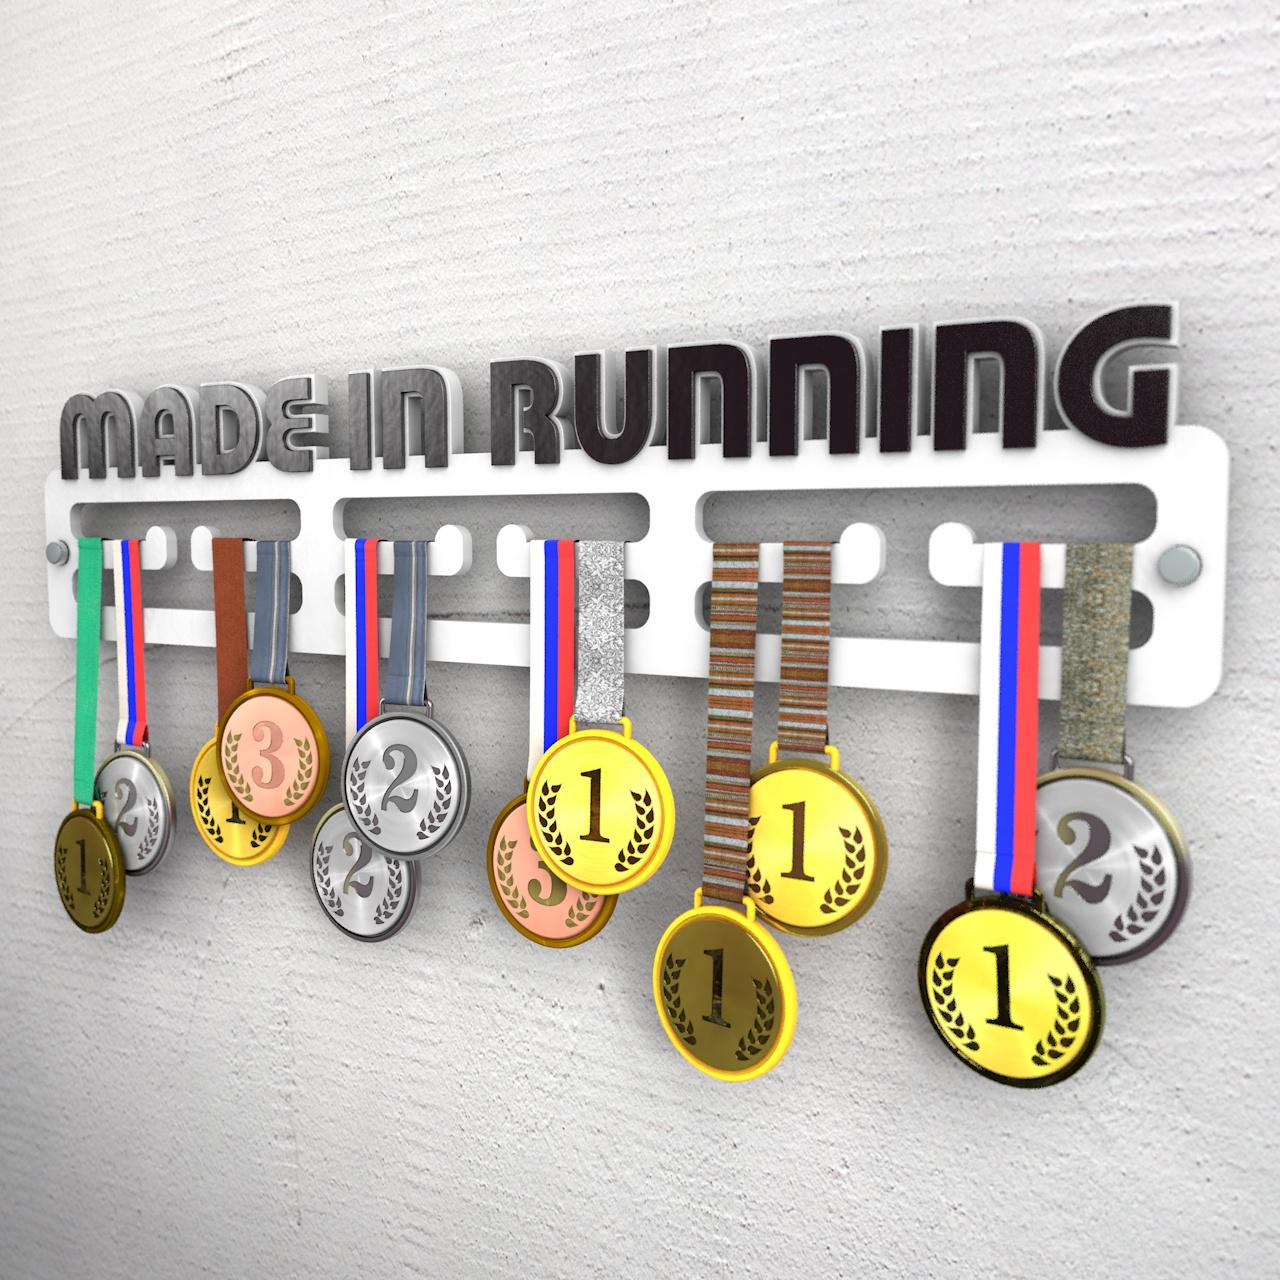 """Медаллер """"Made in running"""""""